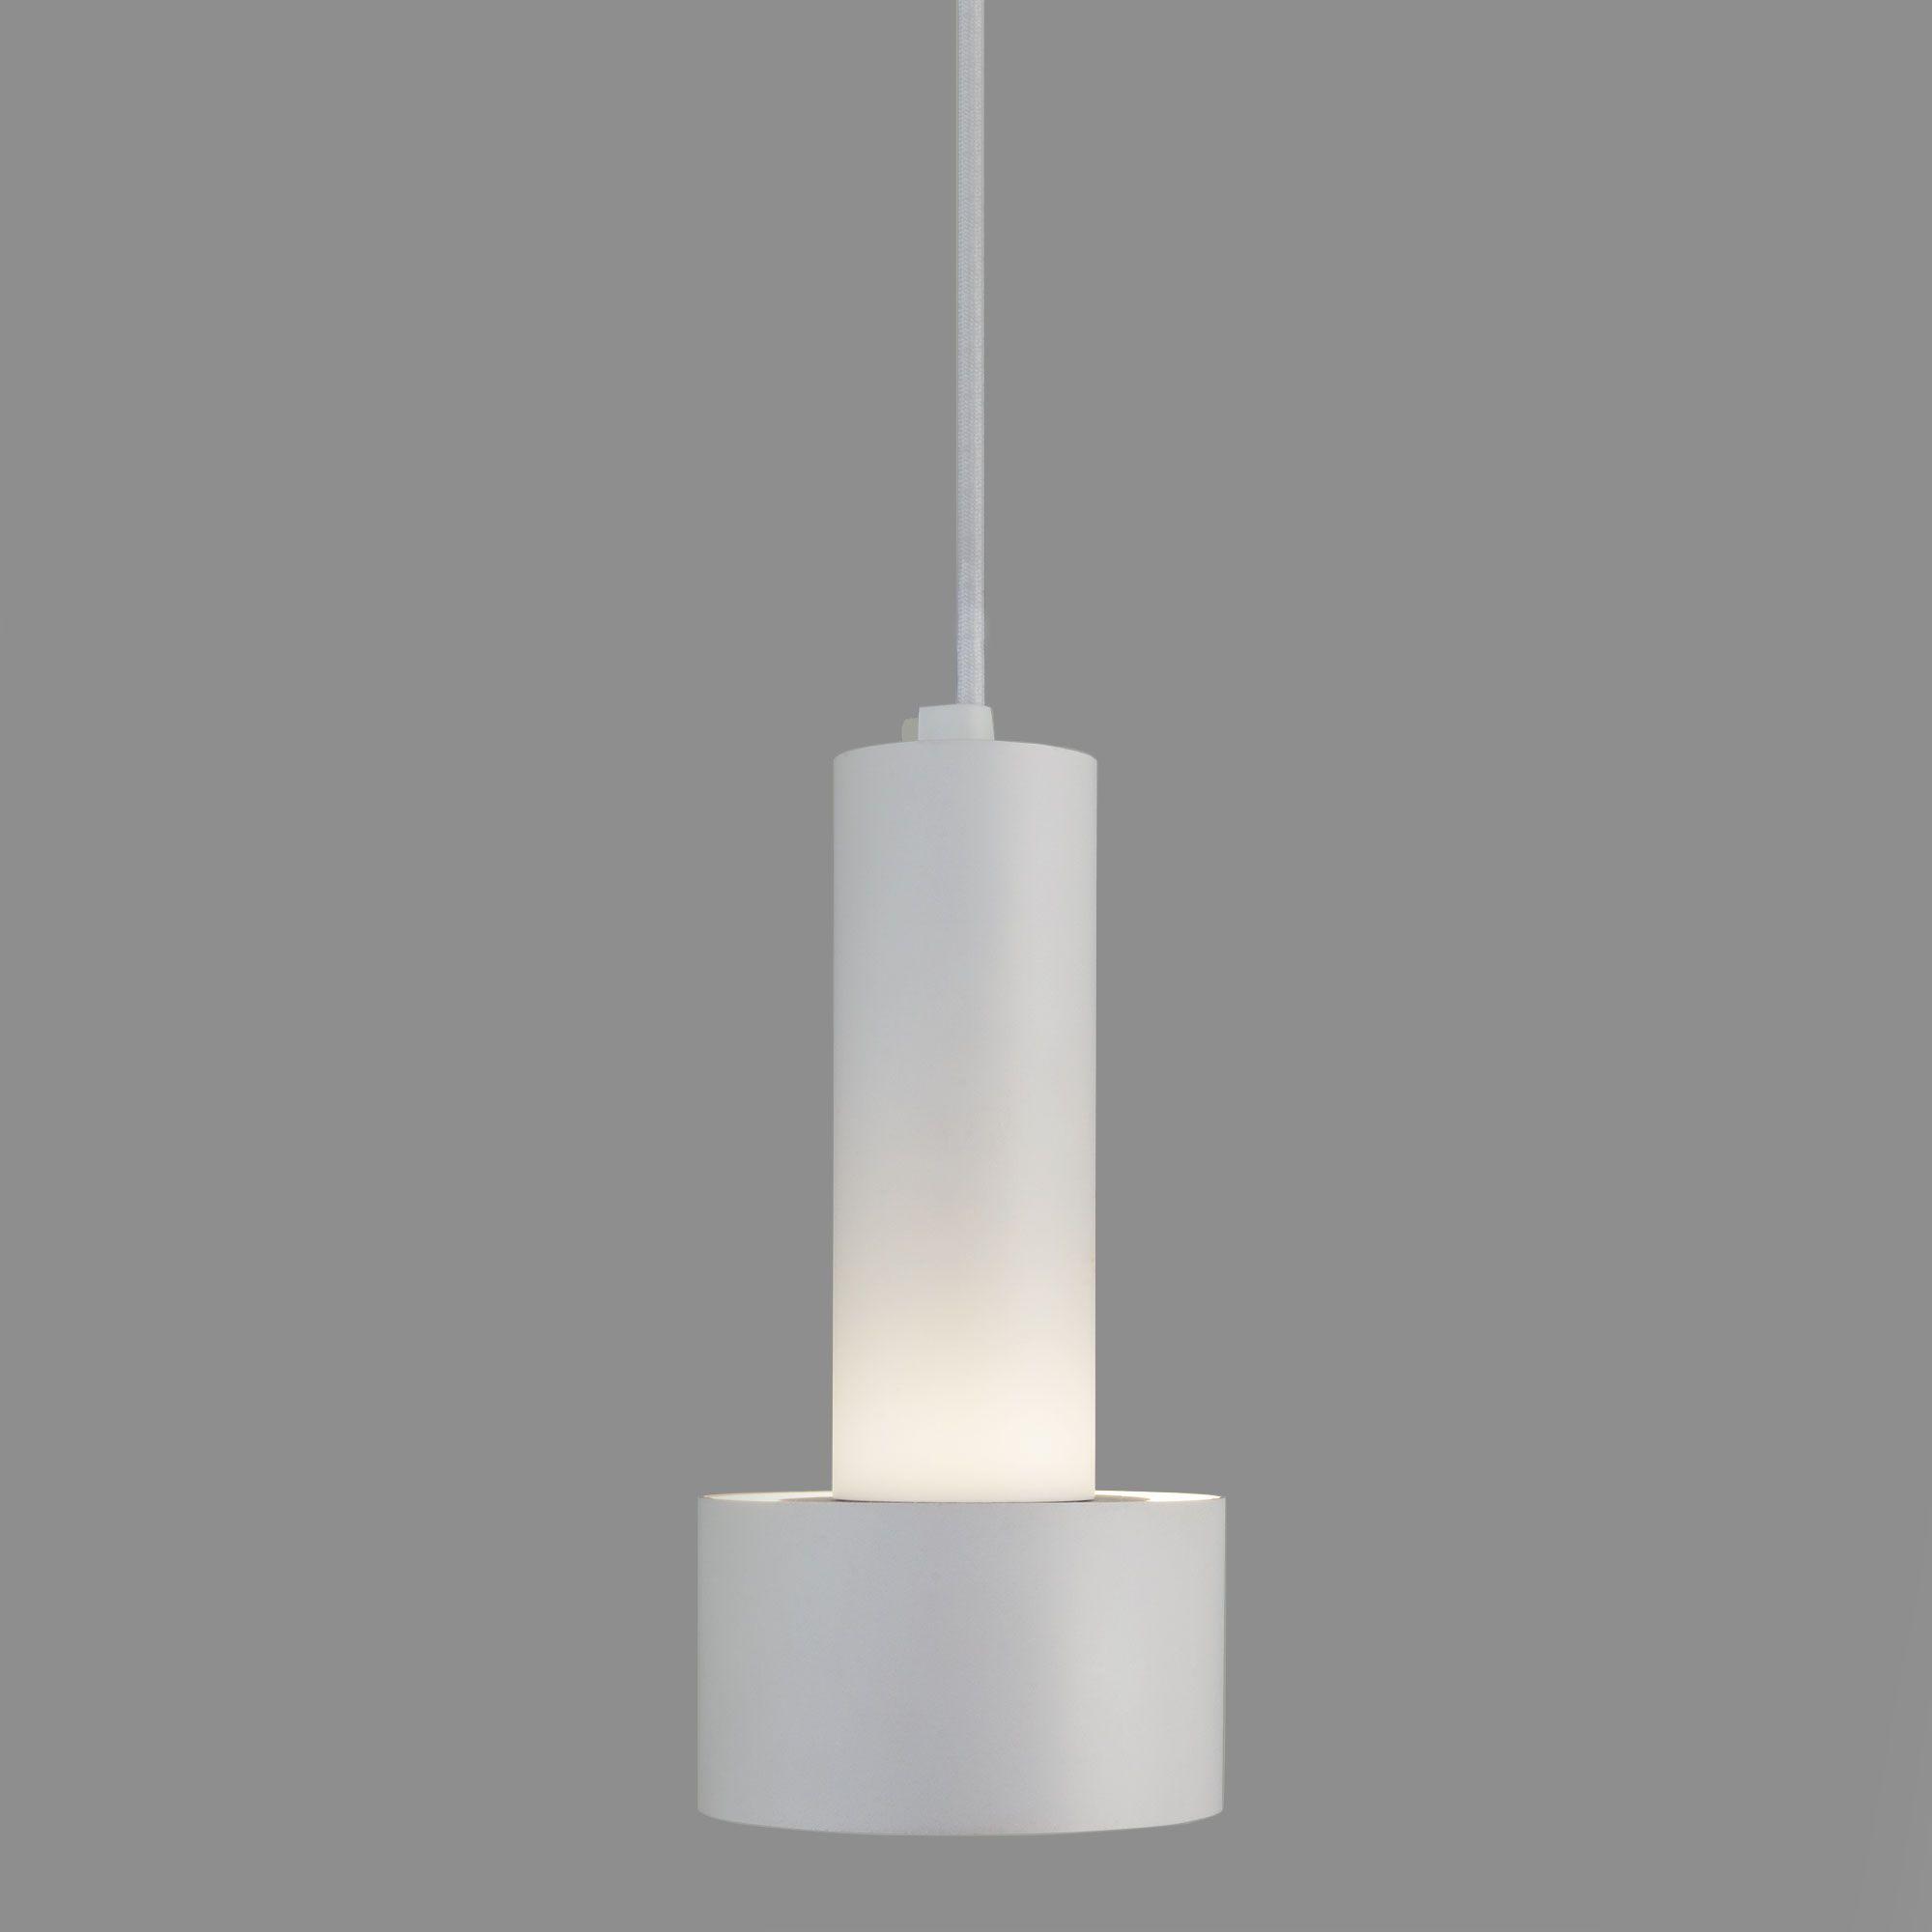 Подвесной светодиодный светильник лофт 50134/1 LED белый